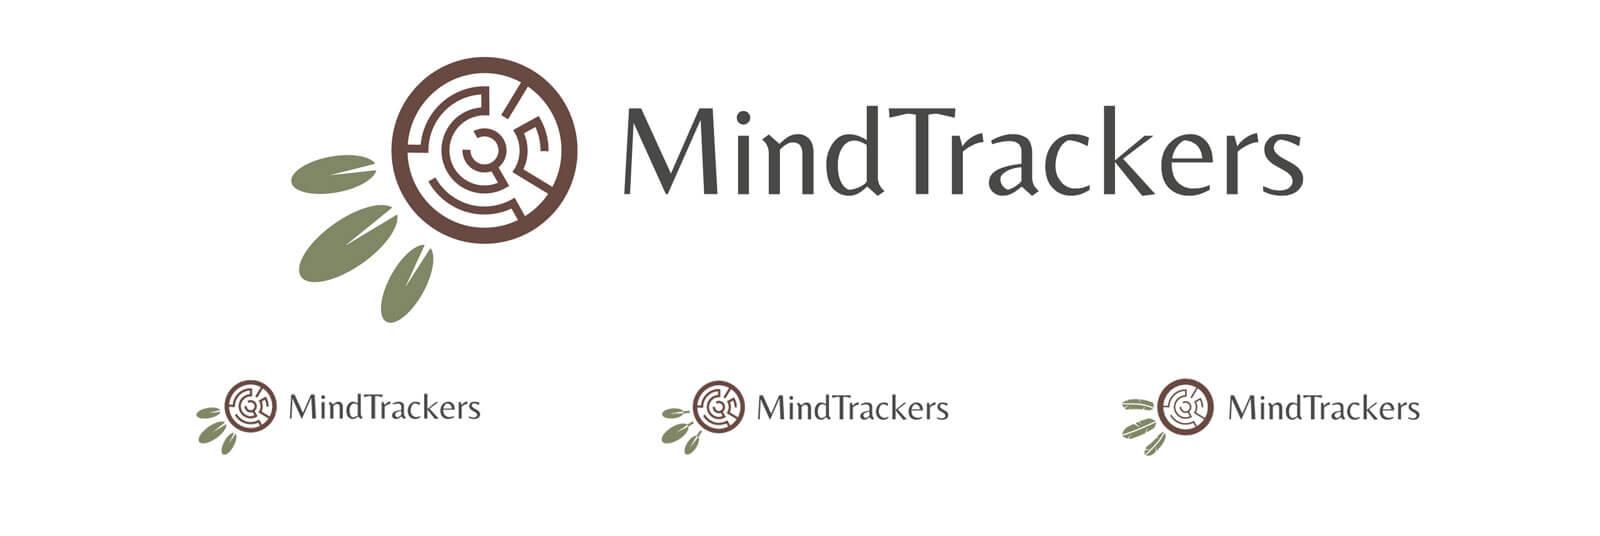 mind-trackers-illustrator-options